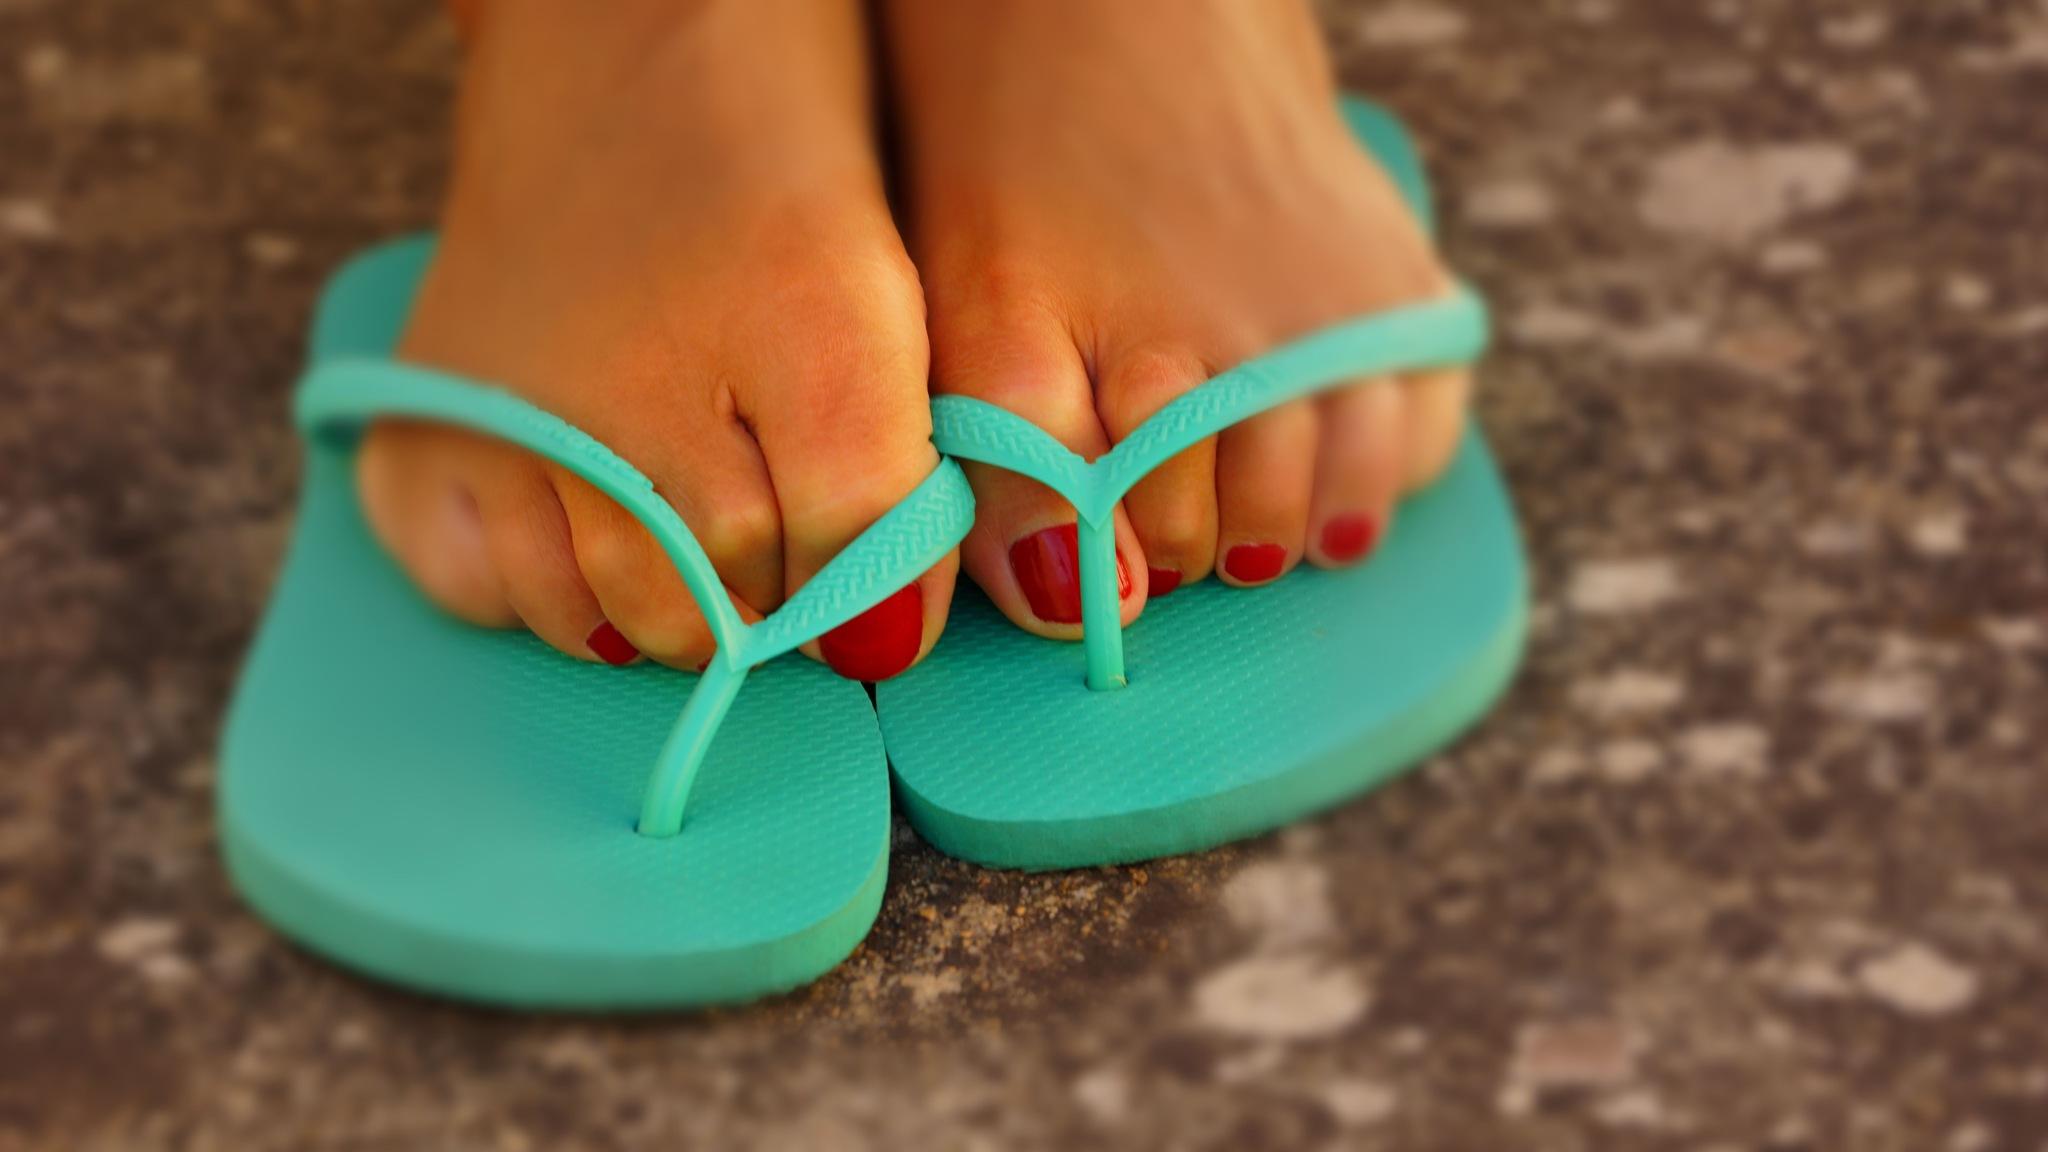 Happy feet by Fernando B